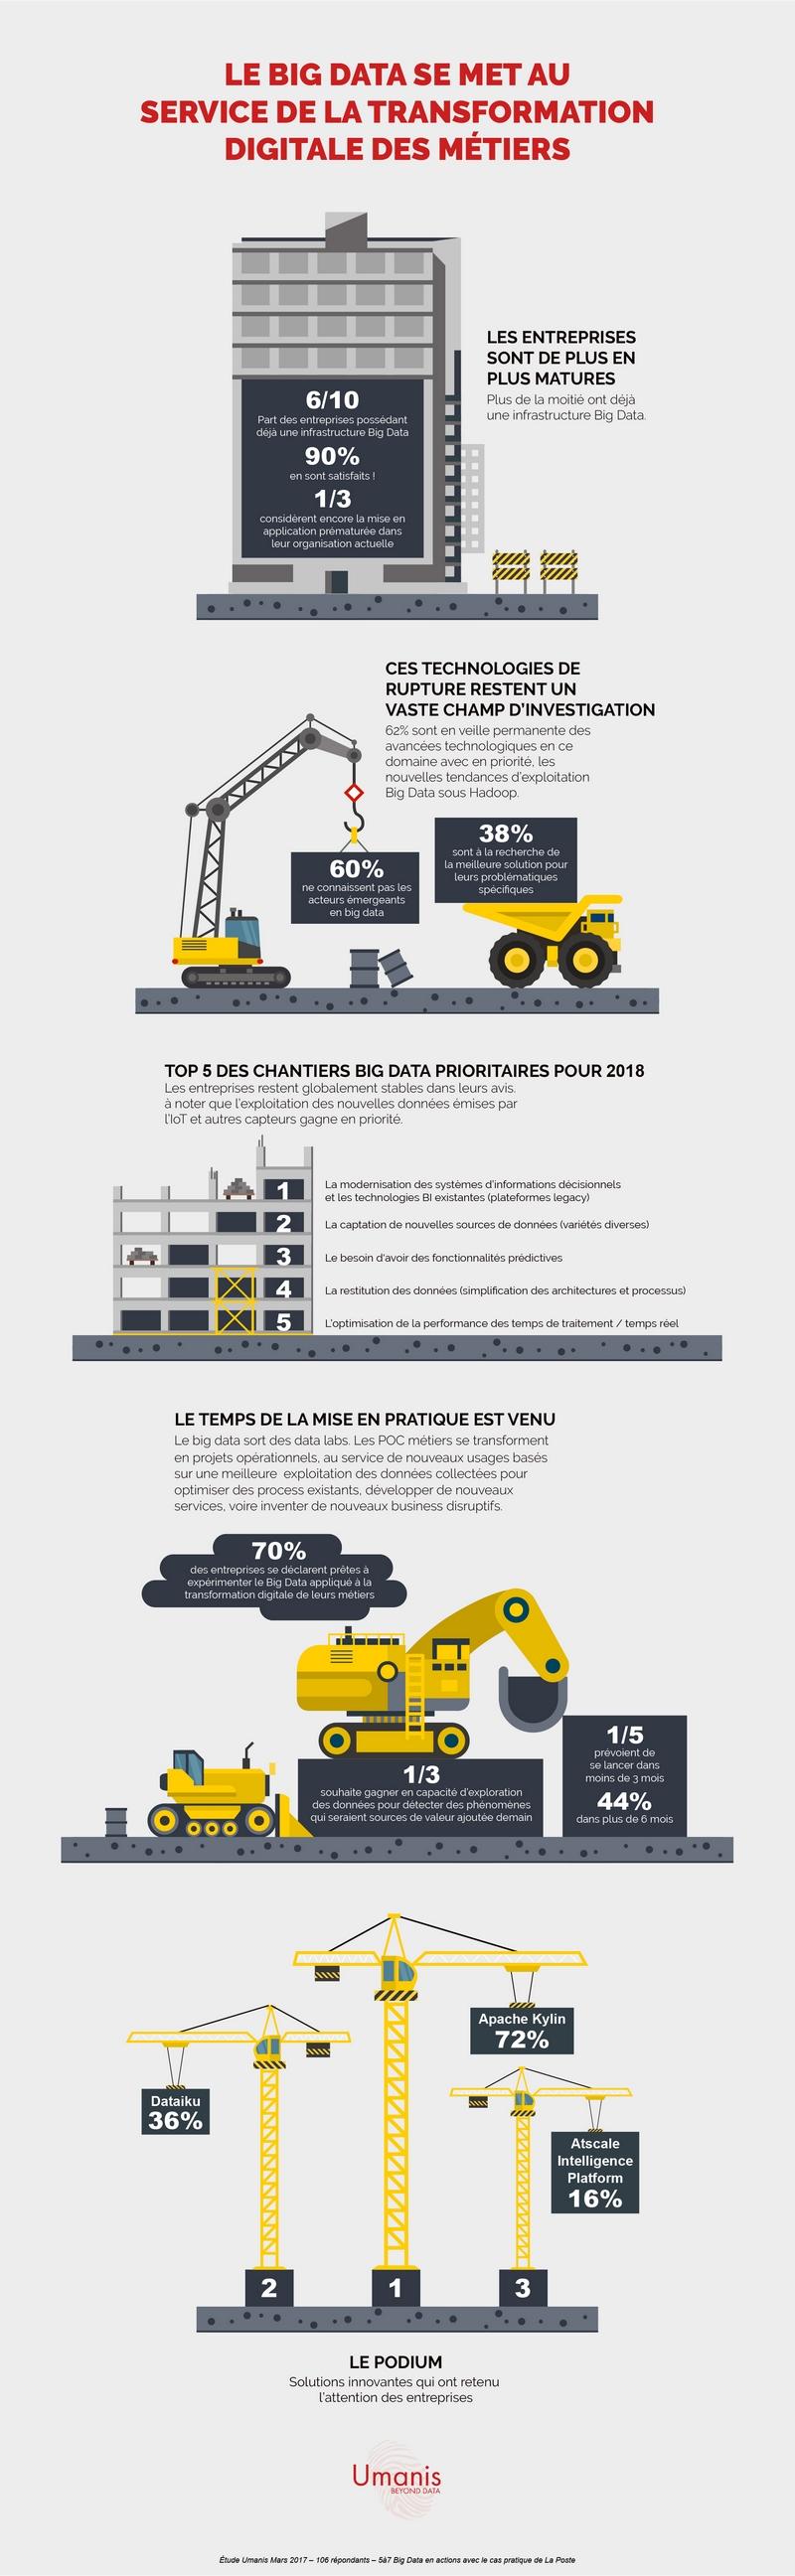 L'infographie qui éclaire sur la maturité des projets Big Data Umanis, leader français en Data, Digital & Business Solutions a mené une enquête auprès des entreprises présentes lors de son événement « 5 à 7 : Big Data en actions » et en dévoile les résult